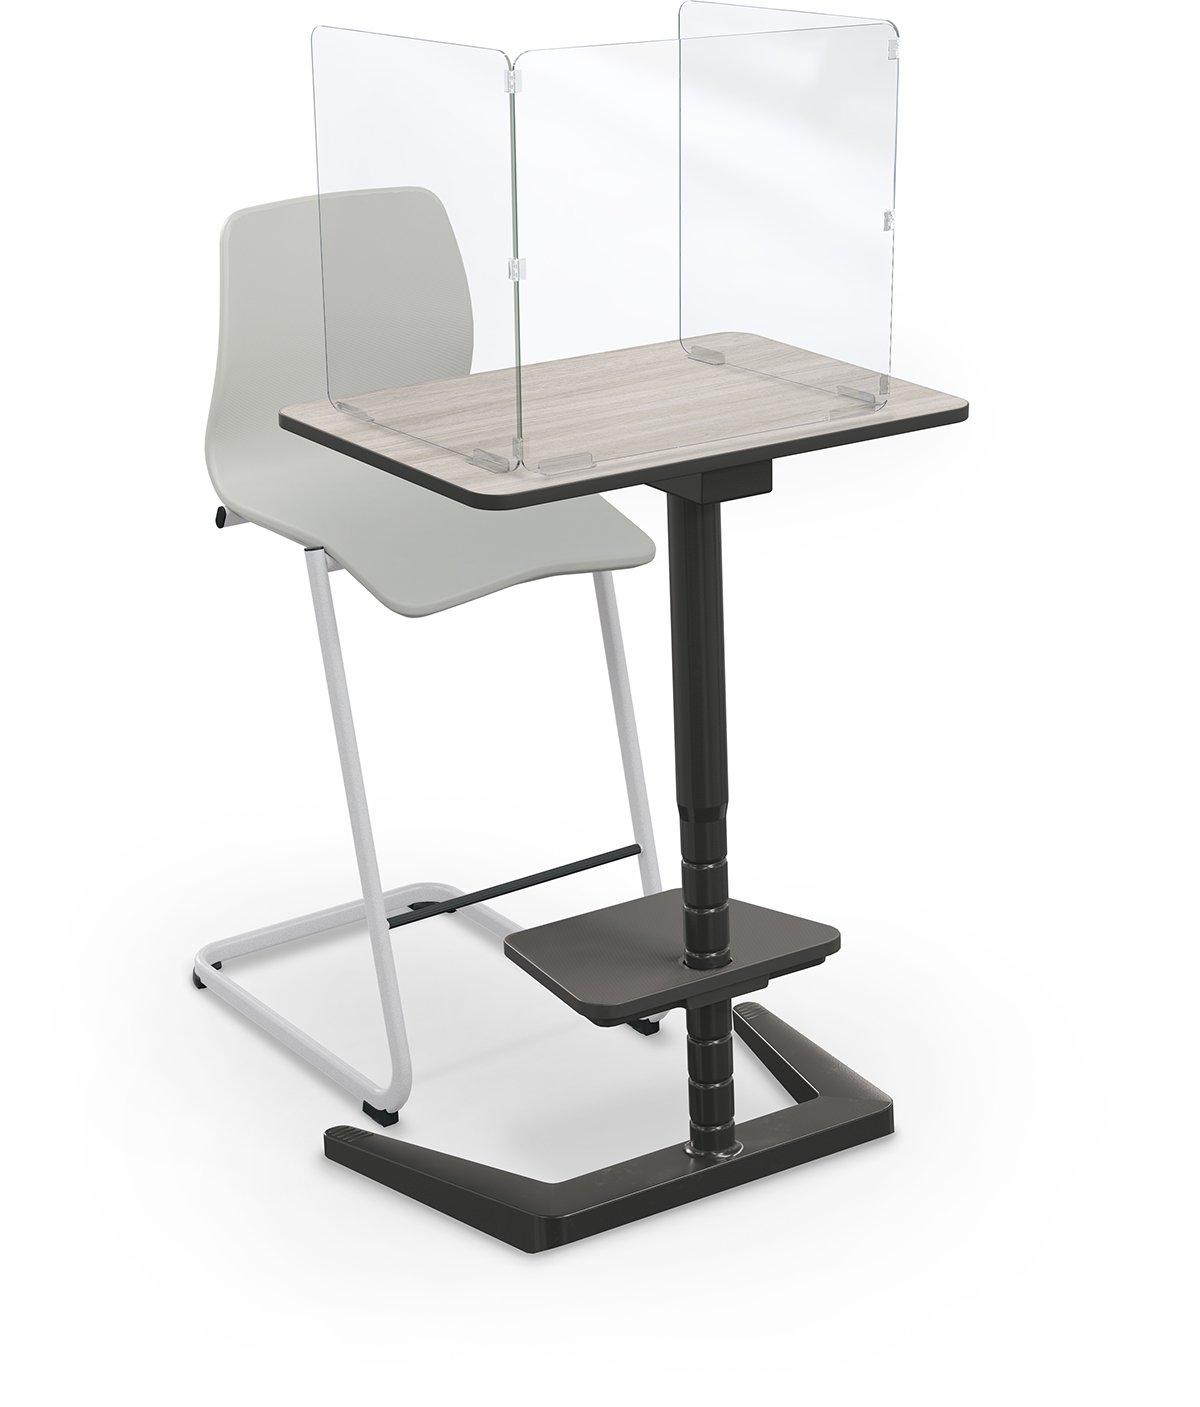 opti desk rectangle tall 3-4 angle w-opti chair tall master